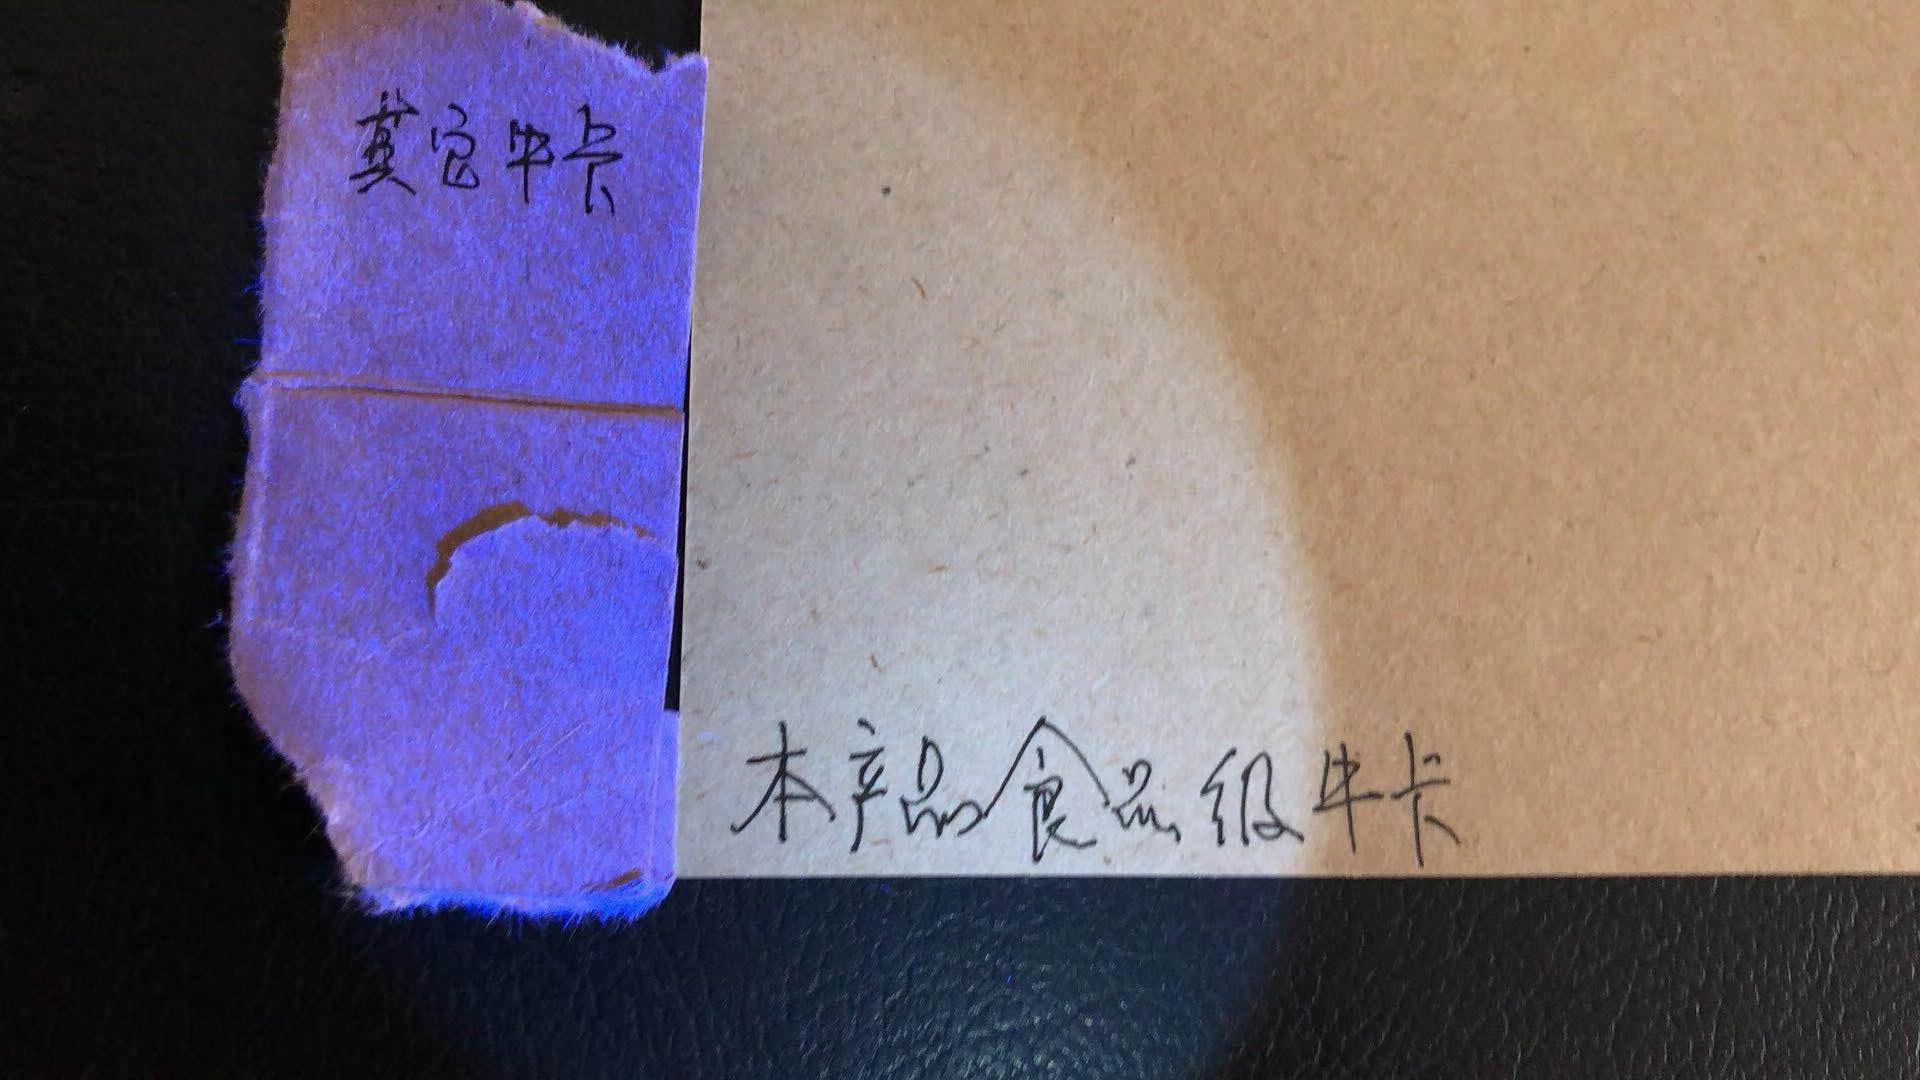 牛卡纸 牛卡纸|牛皮纸